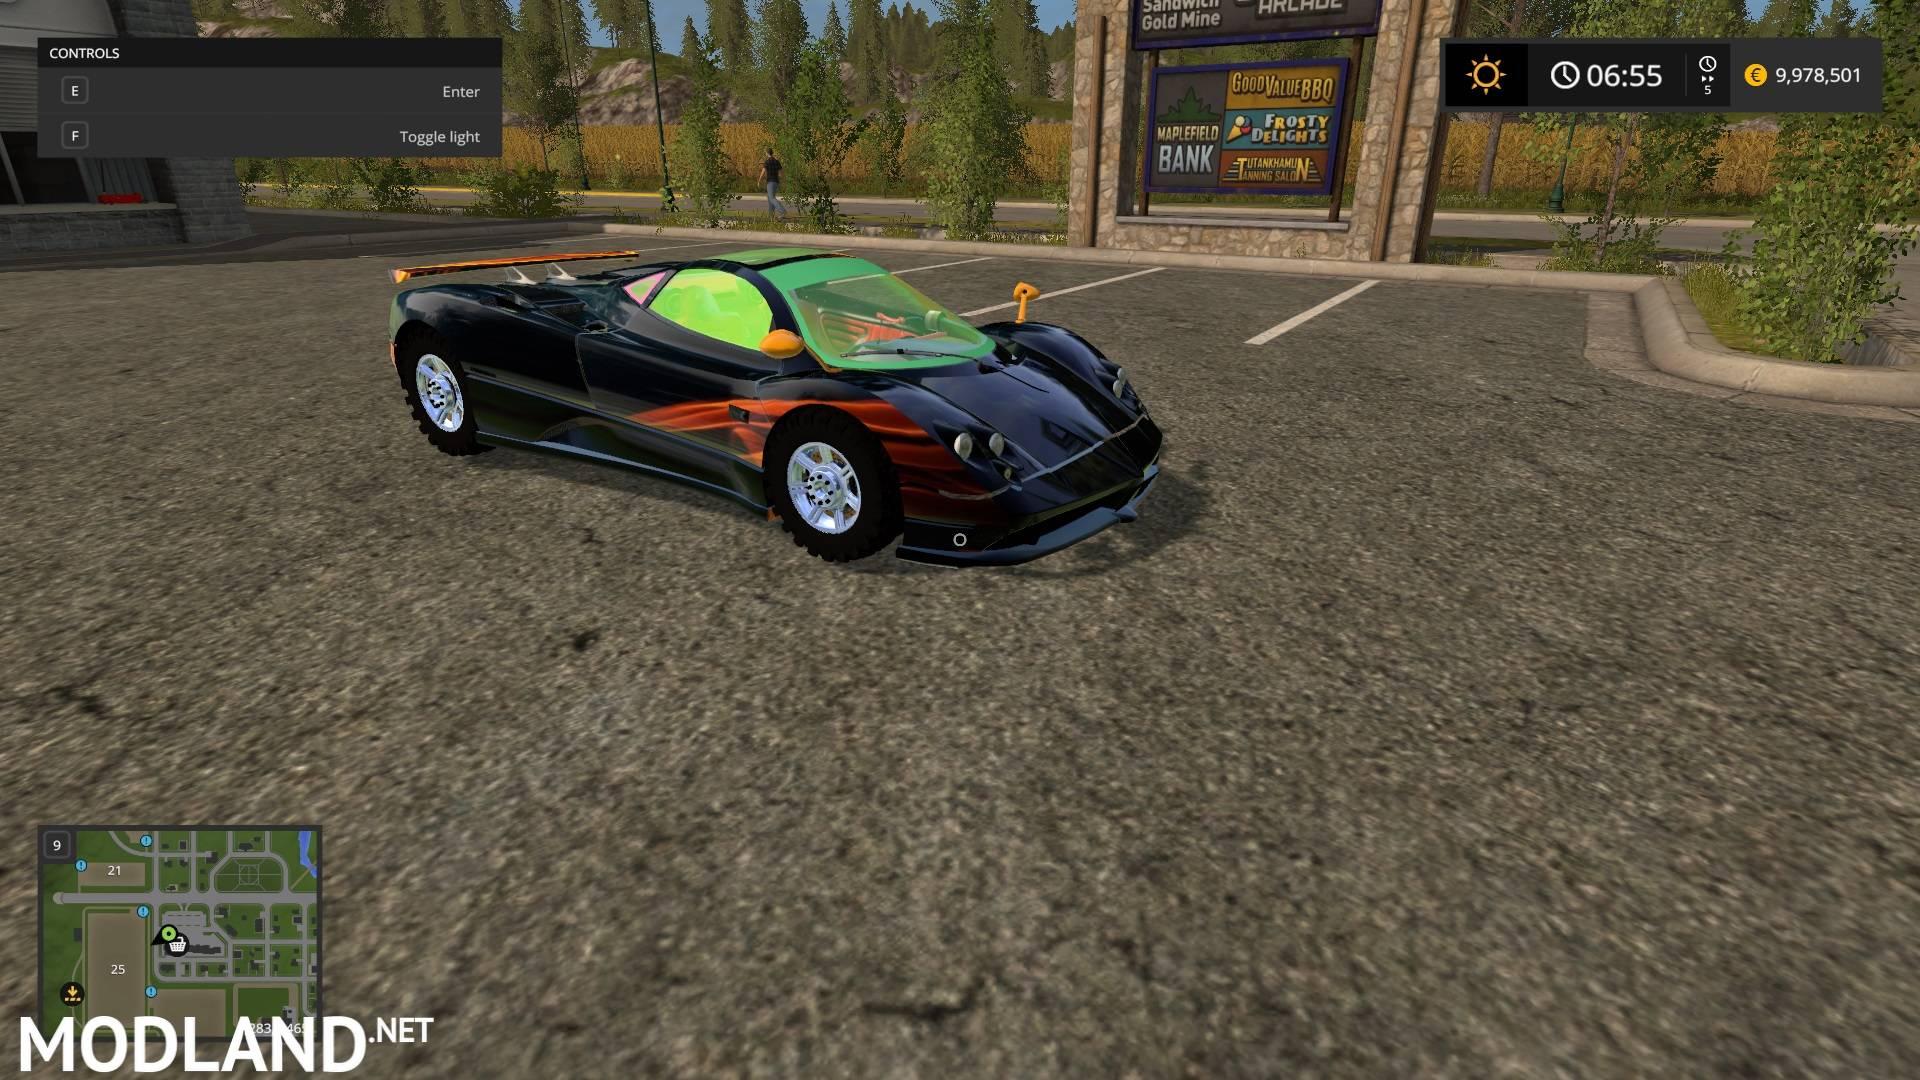 pagani zonda mod with Pagani Zonda Fire Skin on 22581 additionally 2668 Audi Rs7 X Uk besides Werewolf Woman besides Liberty Walk Bugatti Veyron Is Not Impossible 103530 also 24867 Monster Patriot.